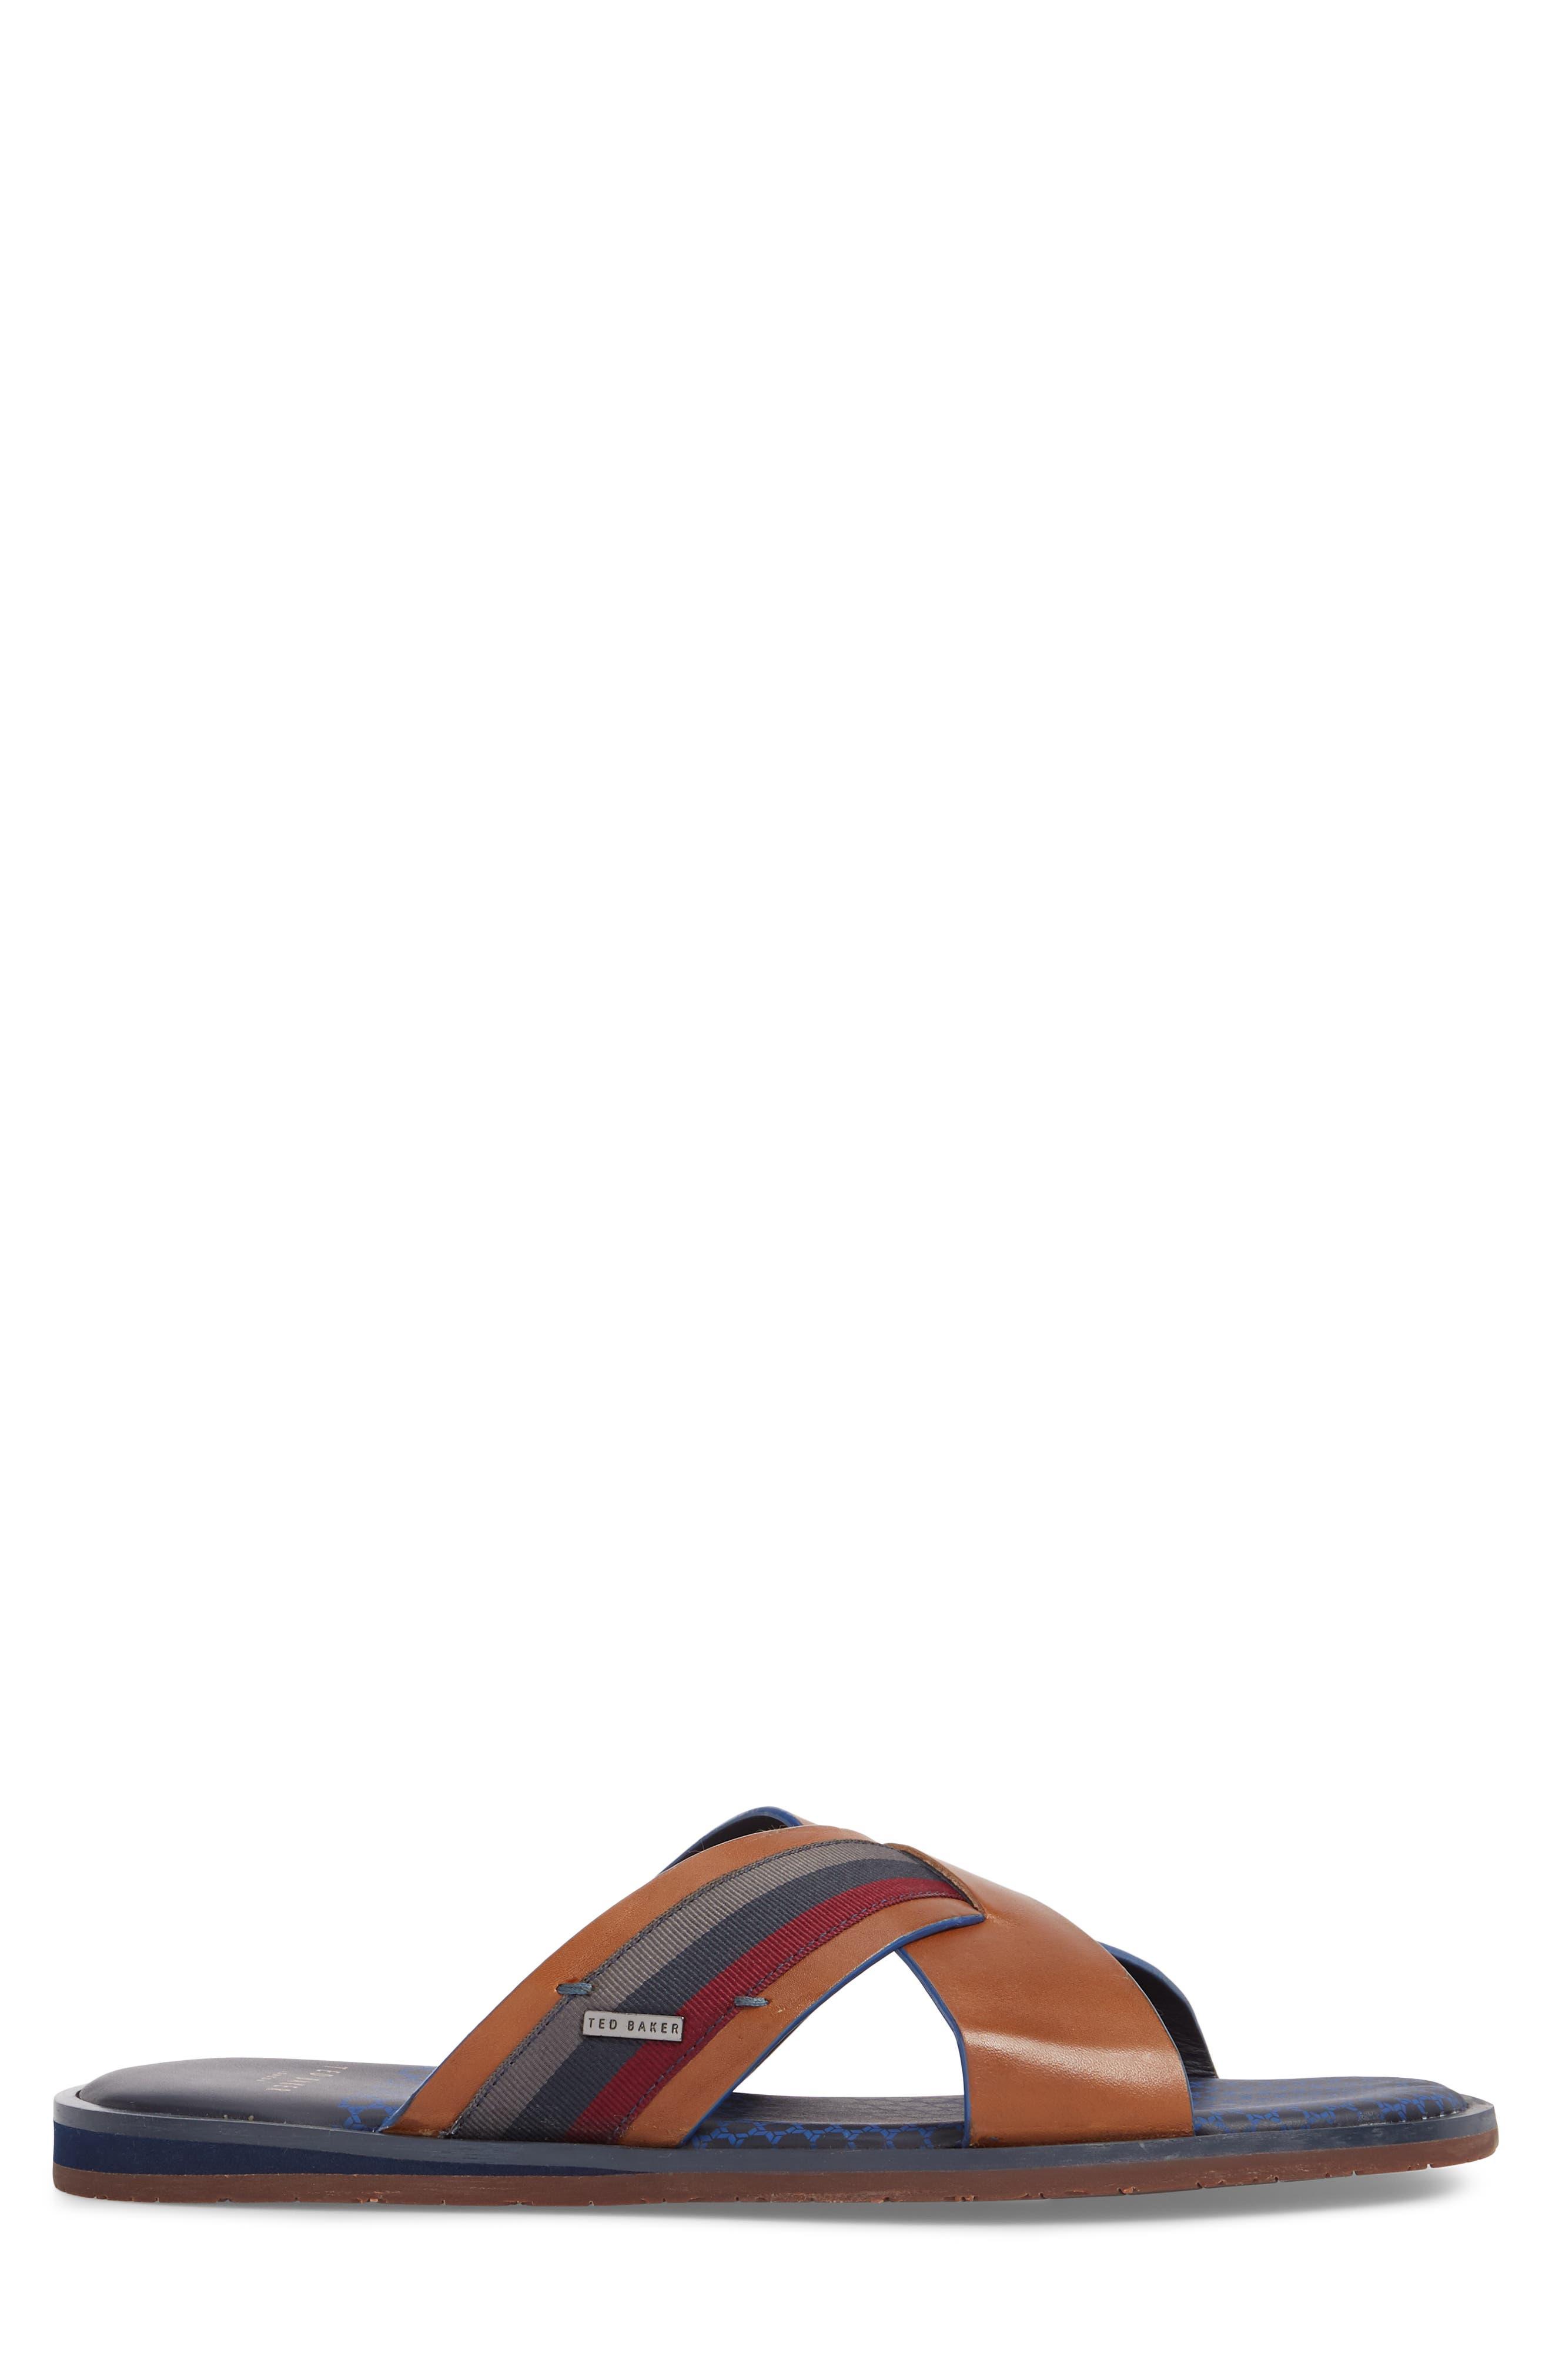 Farrull Cross Strap Slide Sandal,                             Alternate thumbnail 3, color,                             204